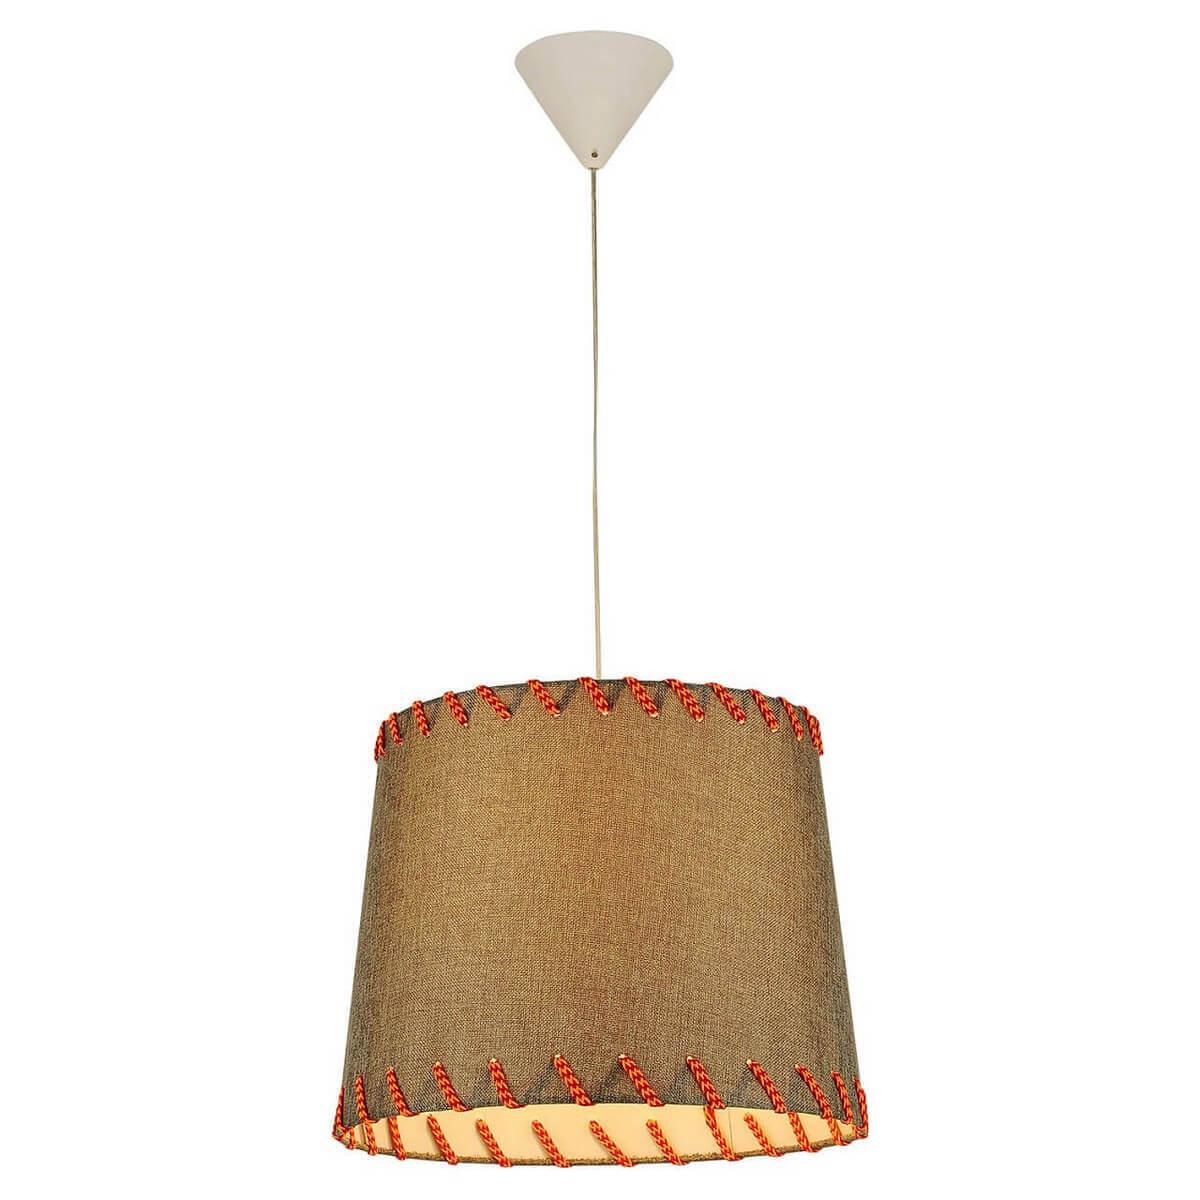 Подвесной светильник Lussole Lgo GRLSP-9809 подвесной светильник lussole grlsp 9856 серый